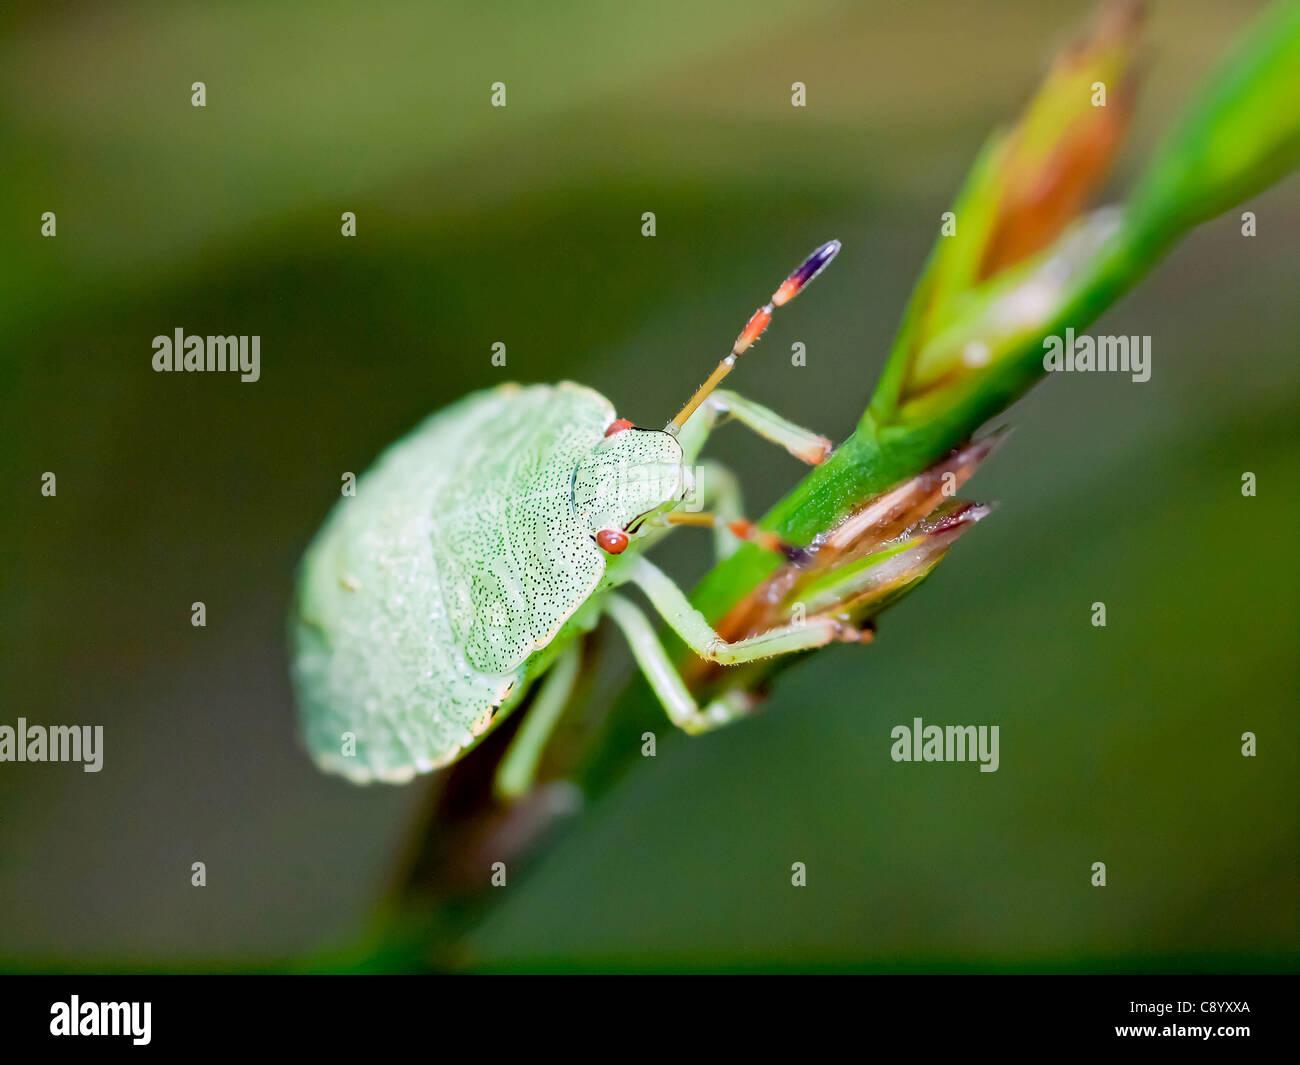 Green Bedbug Stock Photo 39951810 Alamy